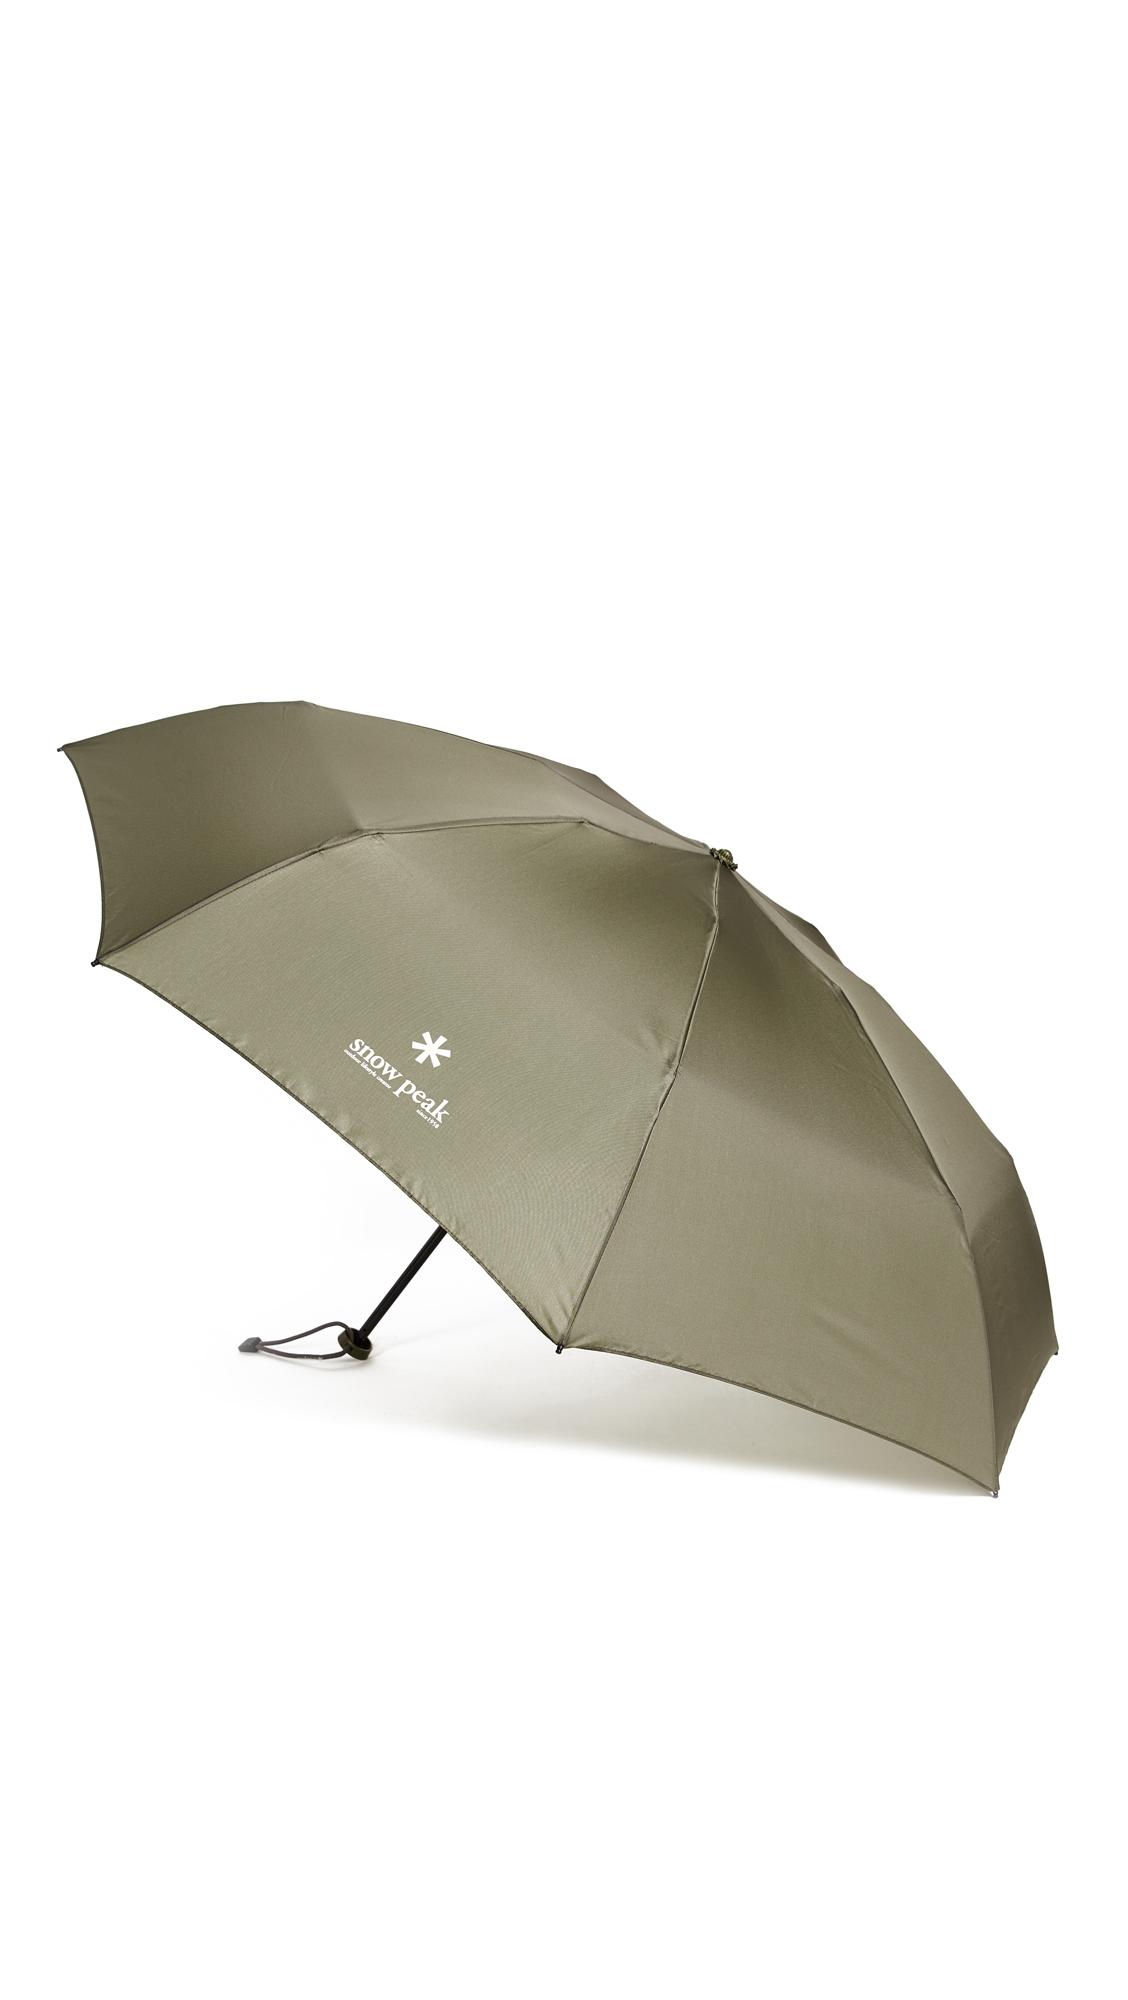 SNOW PEAK Umbrella in Grey